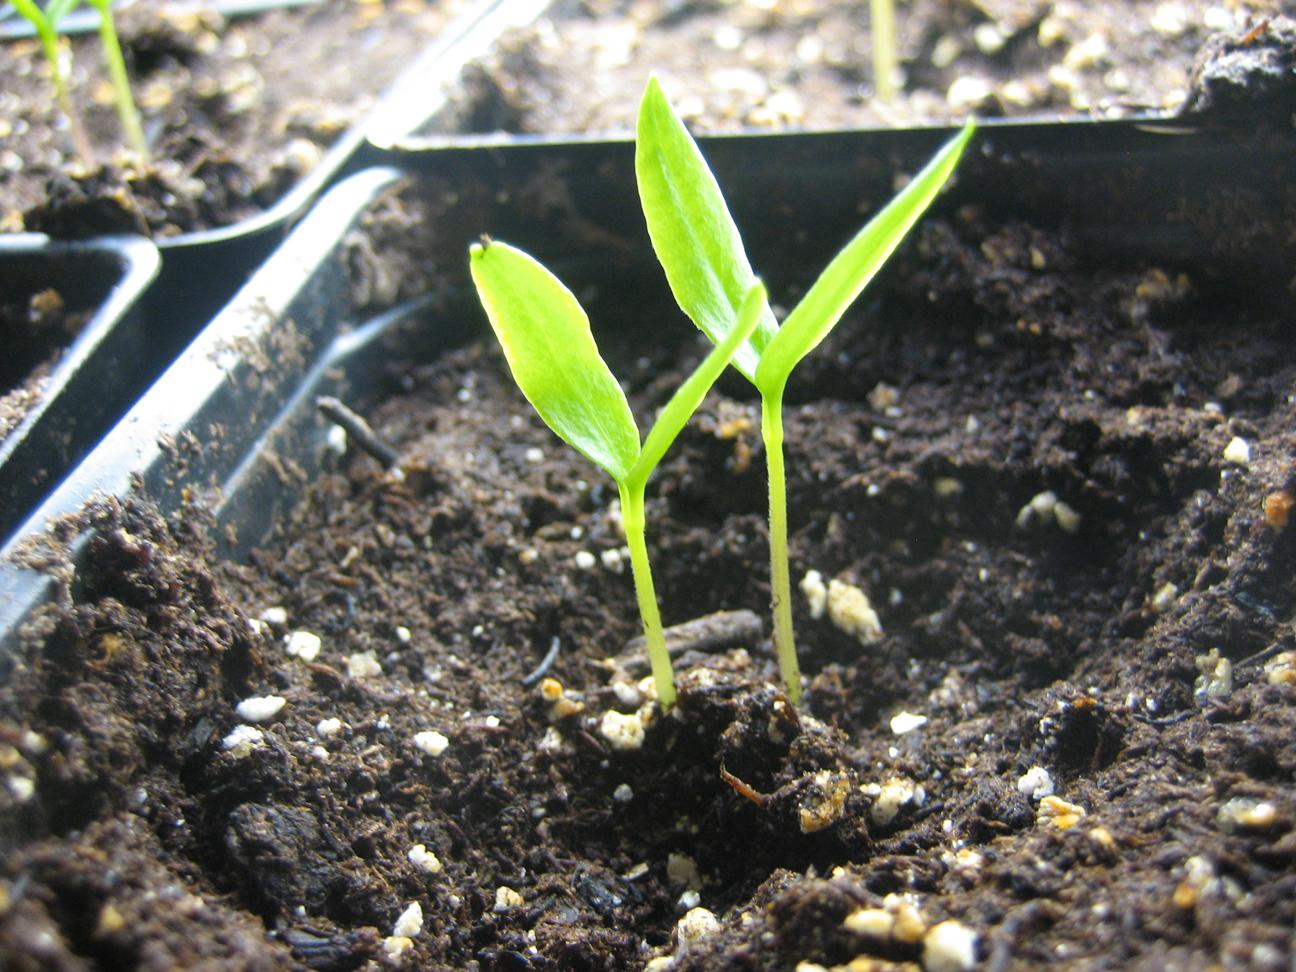 Seedlings-of-Sweet-pepper